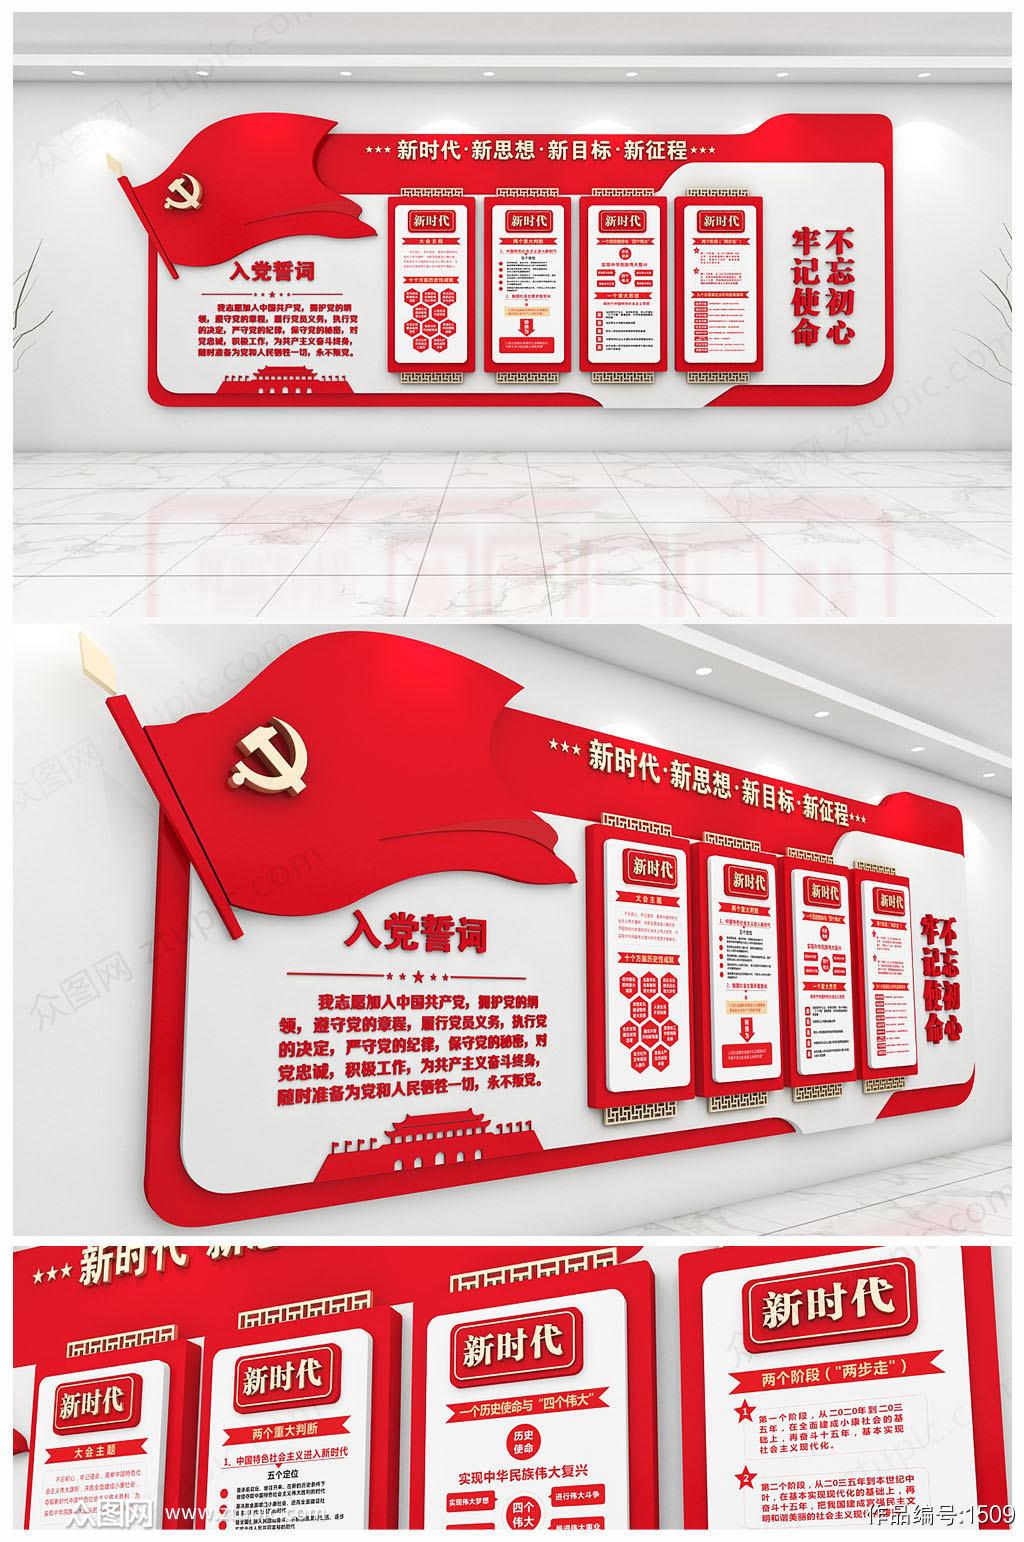 红色创意党的十九大精神文化墙设计素材